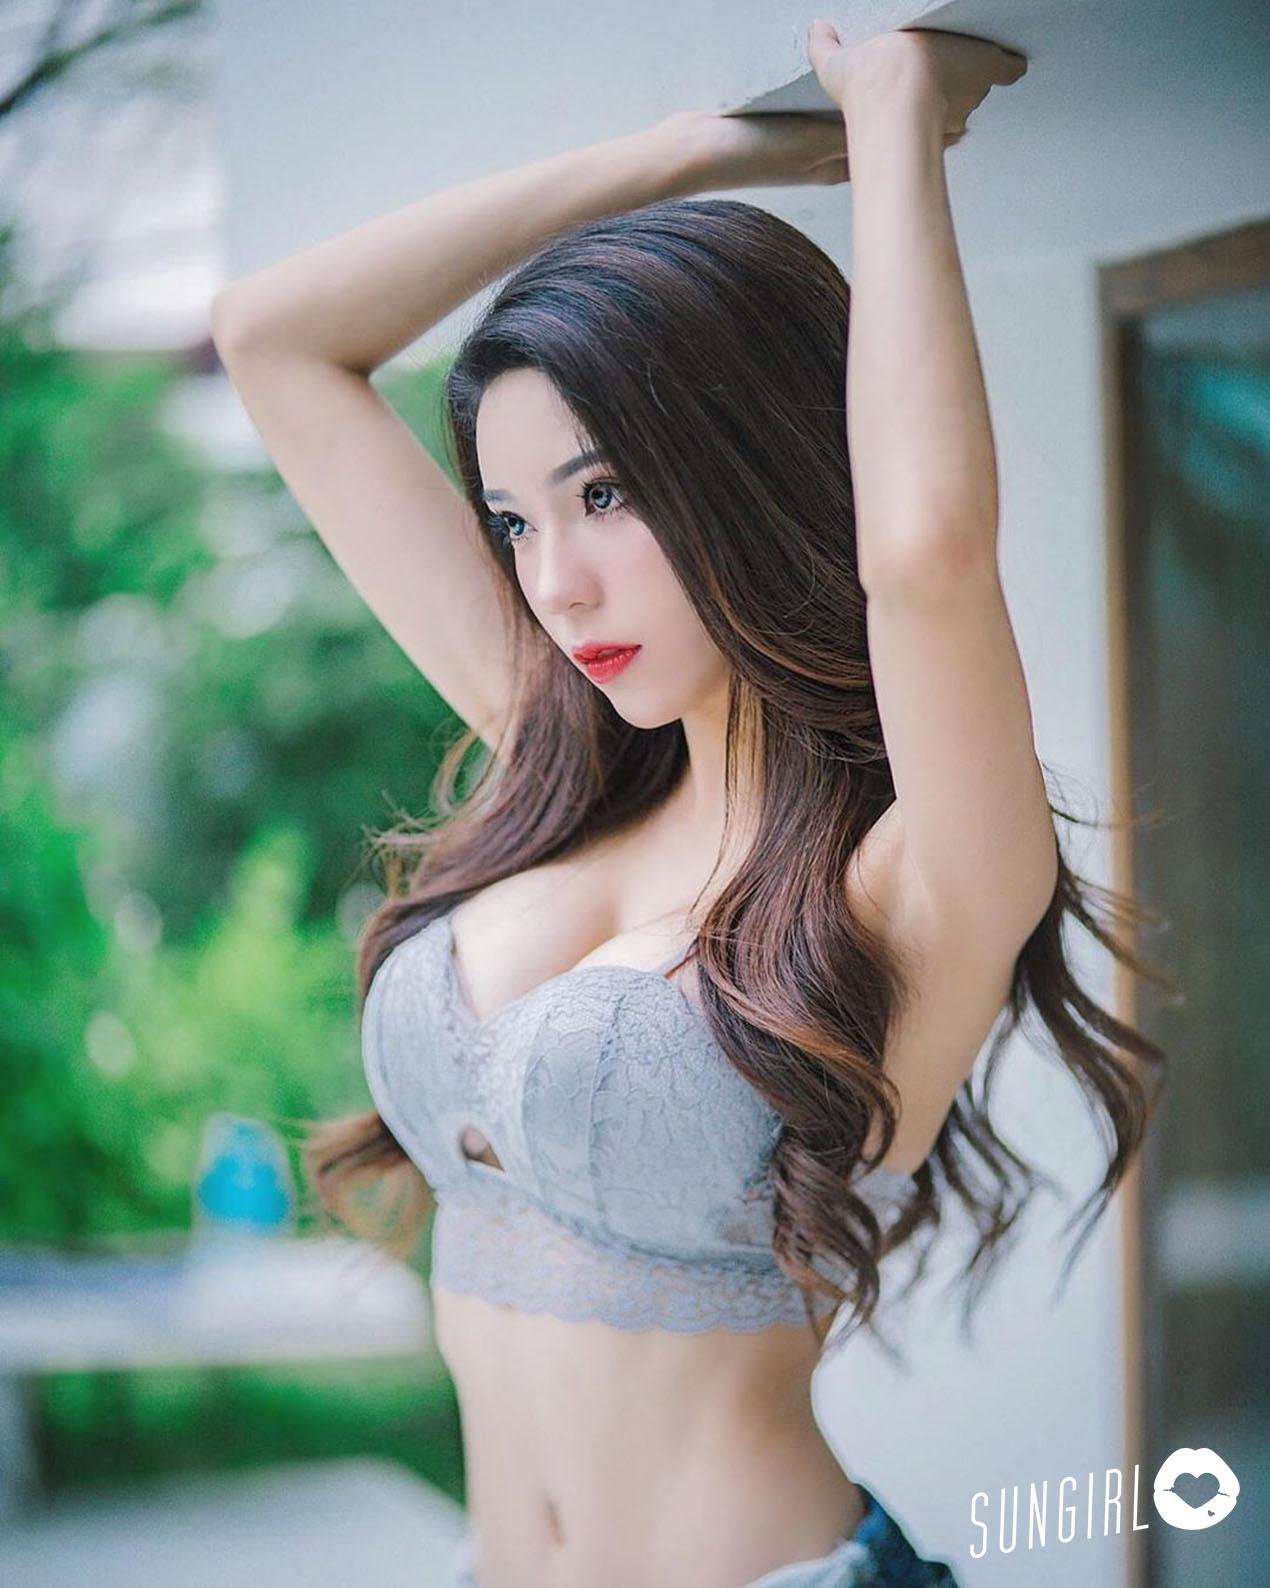 Janet、泰國氣質女孩纖細小蠻腰馬甲線好性感 - 亞洲美女 -